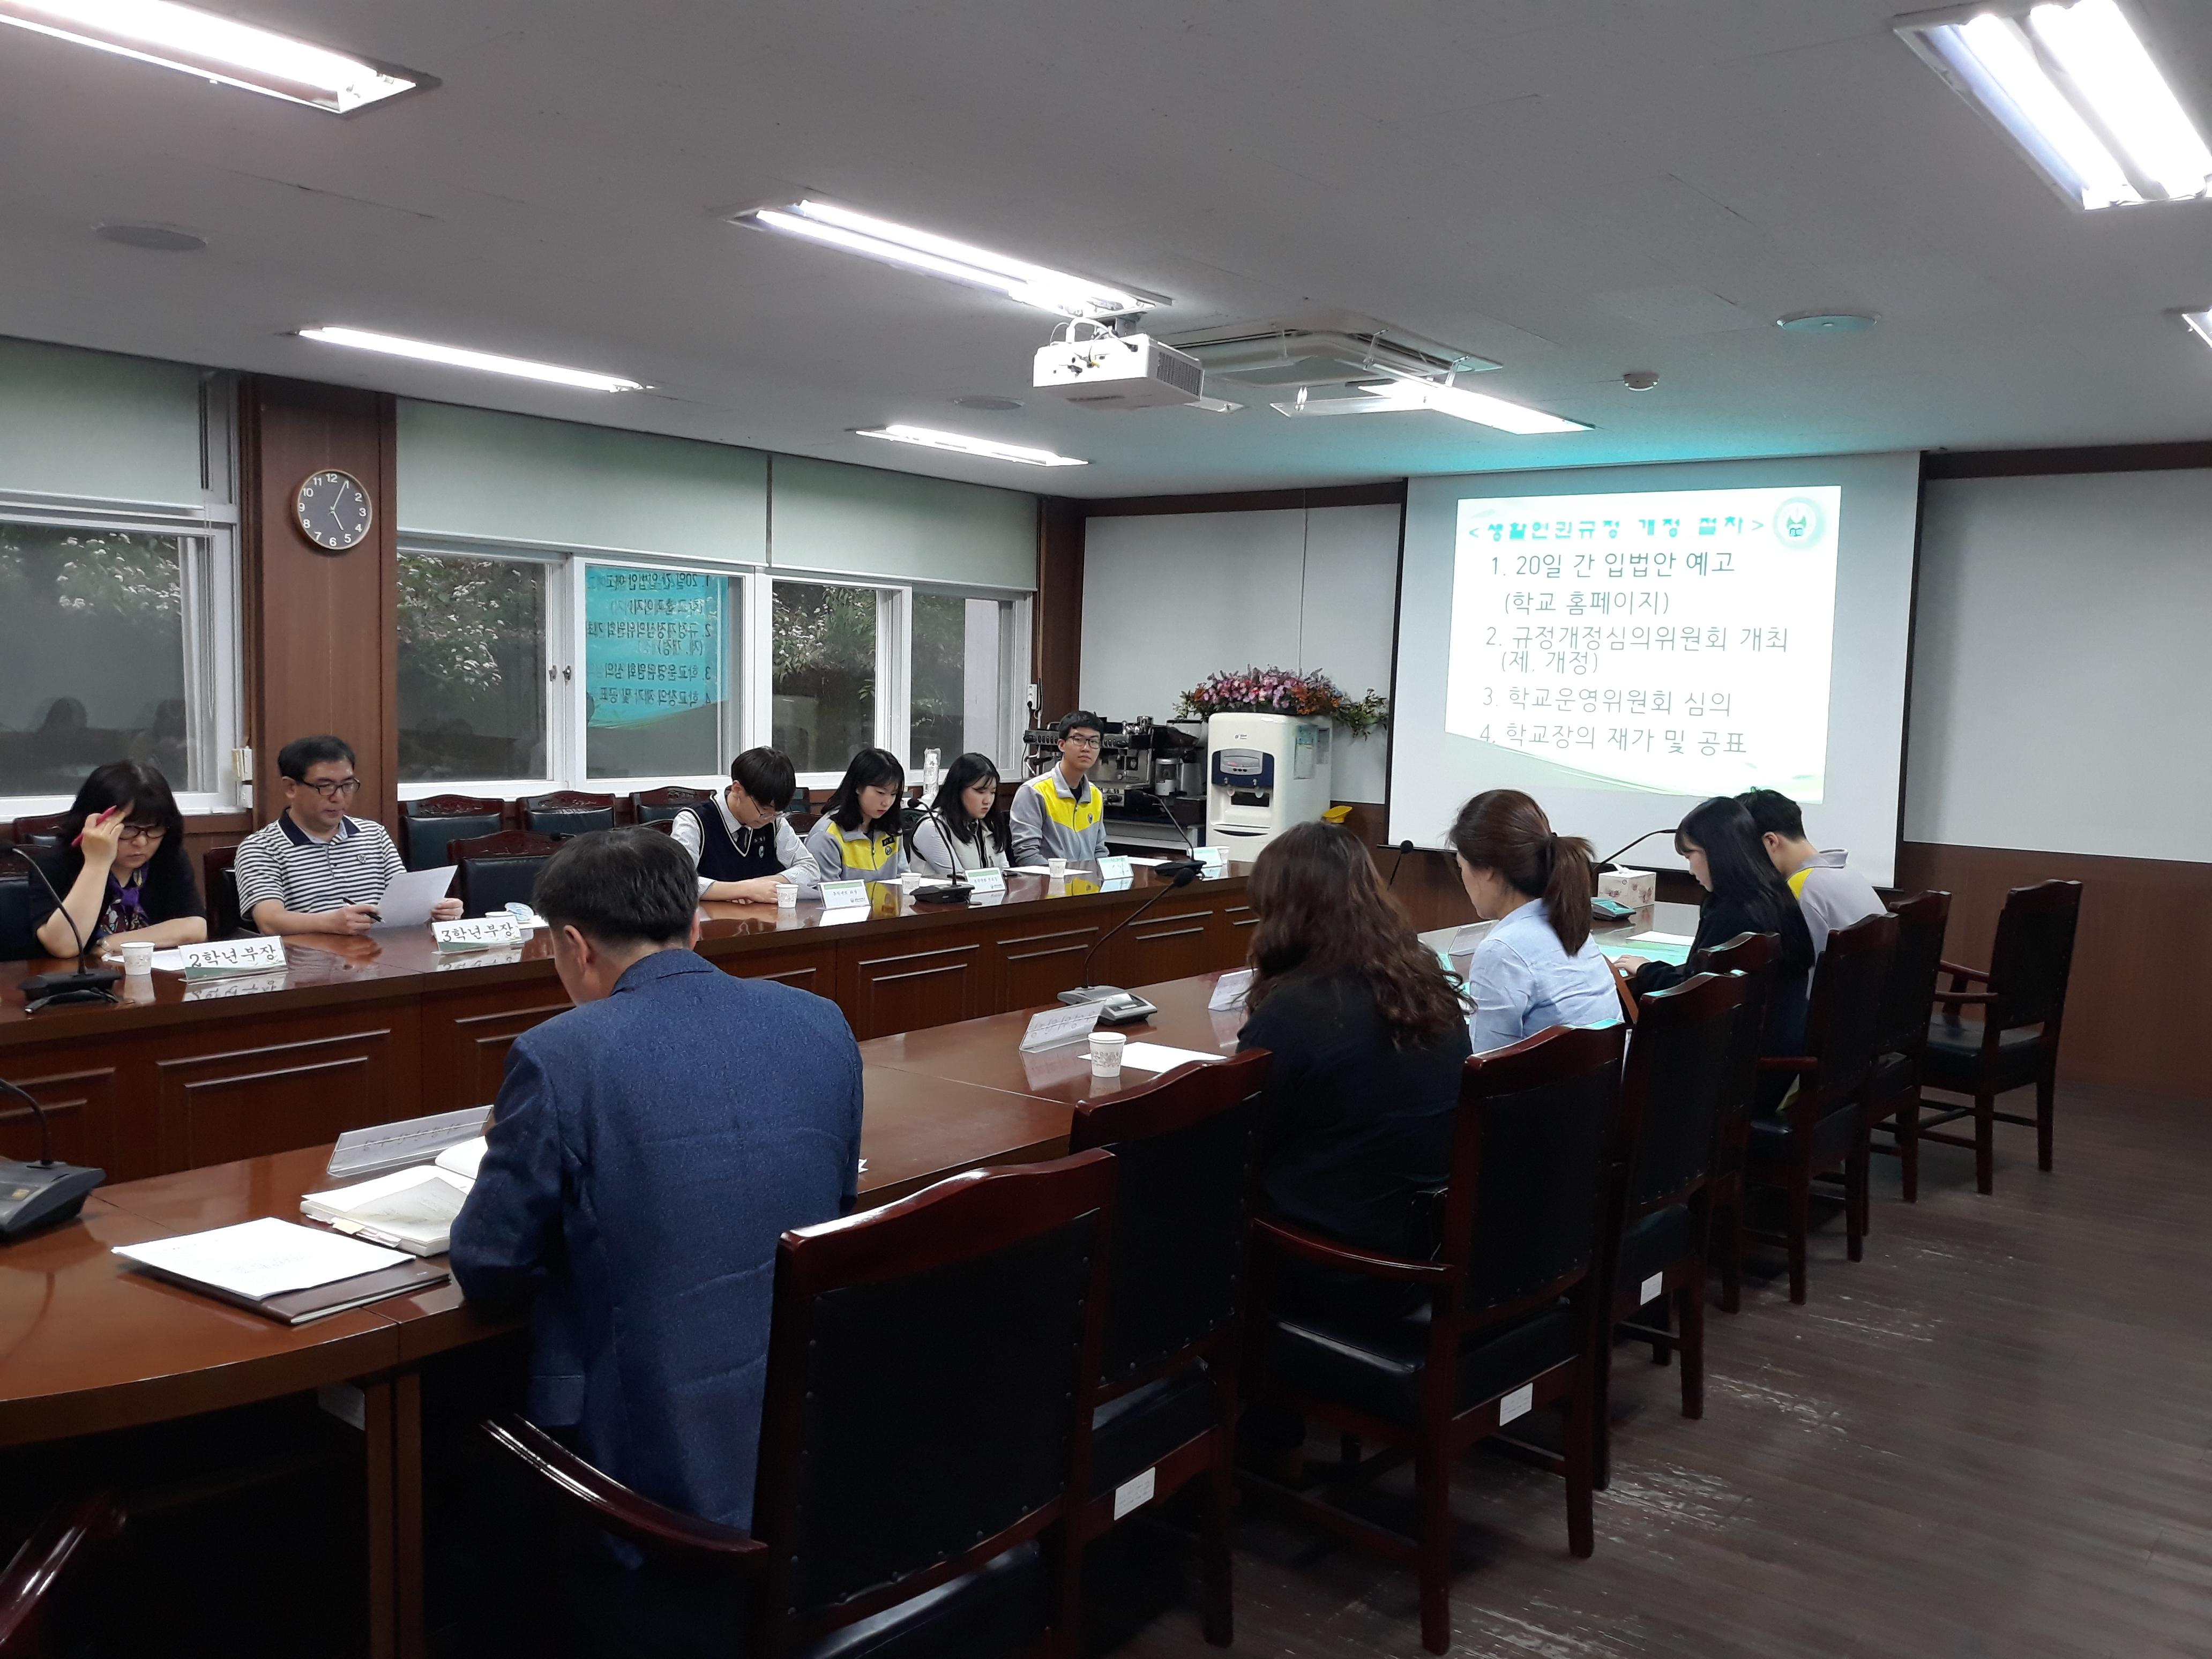 생활인권규정 개정 심의 위원회 개최(2019. 10.01.)